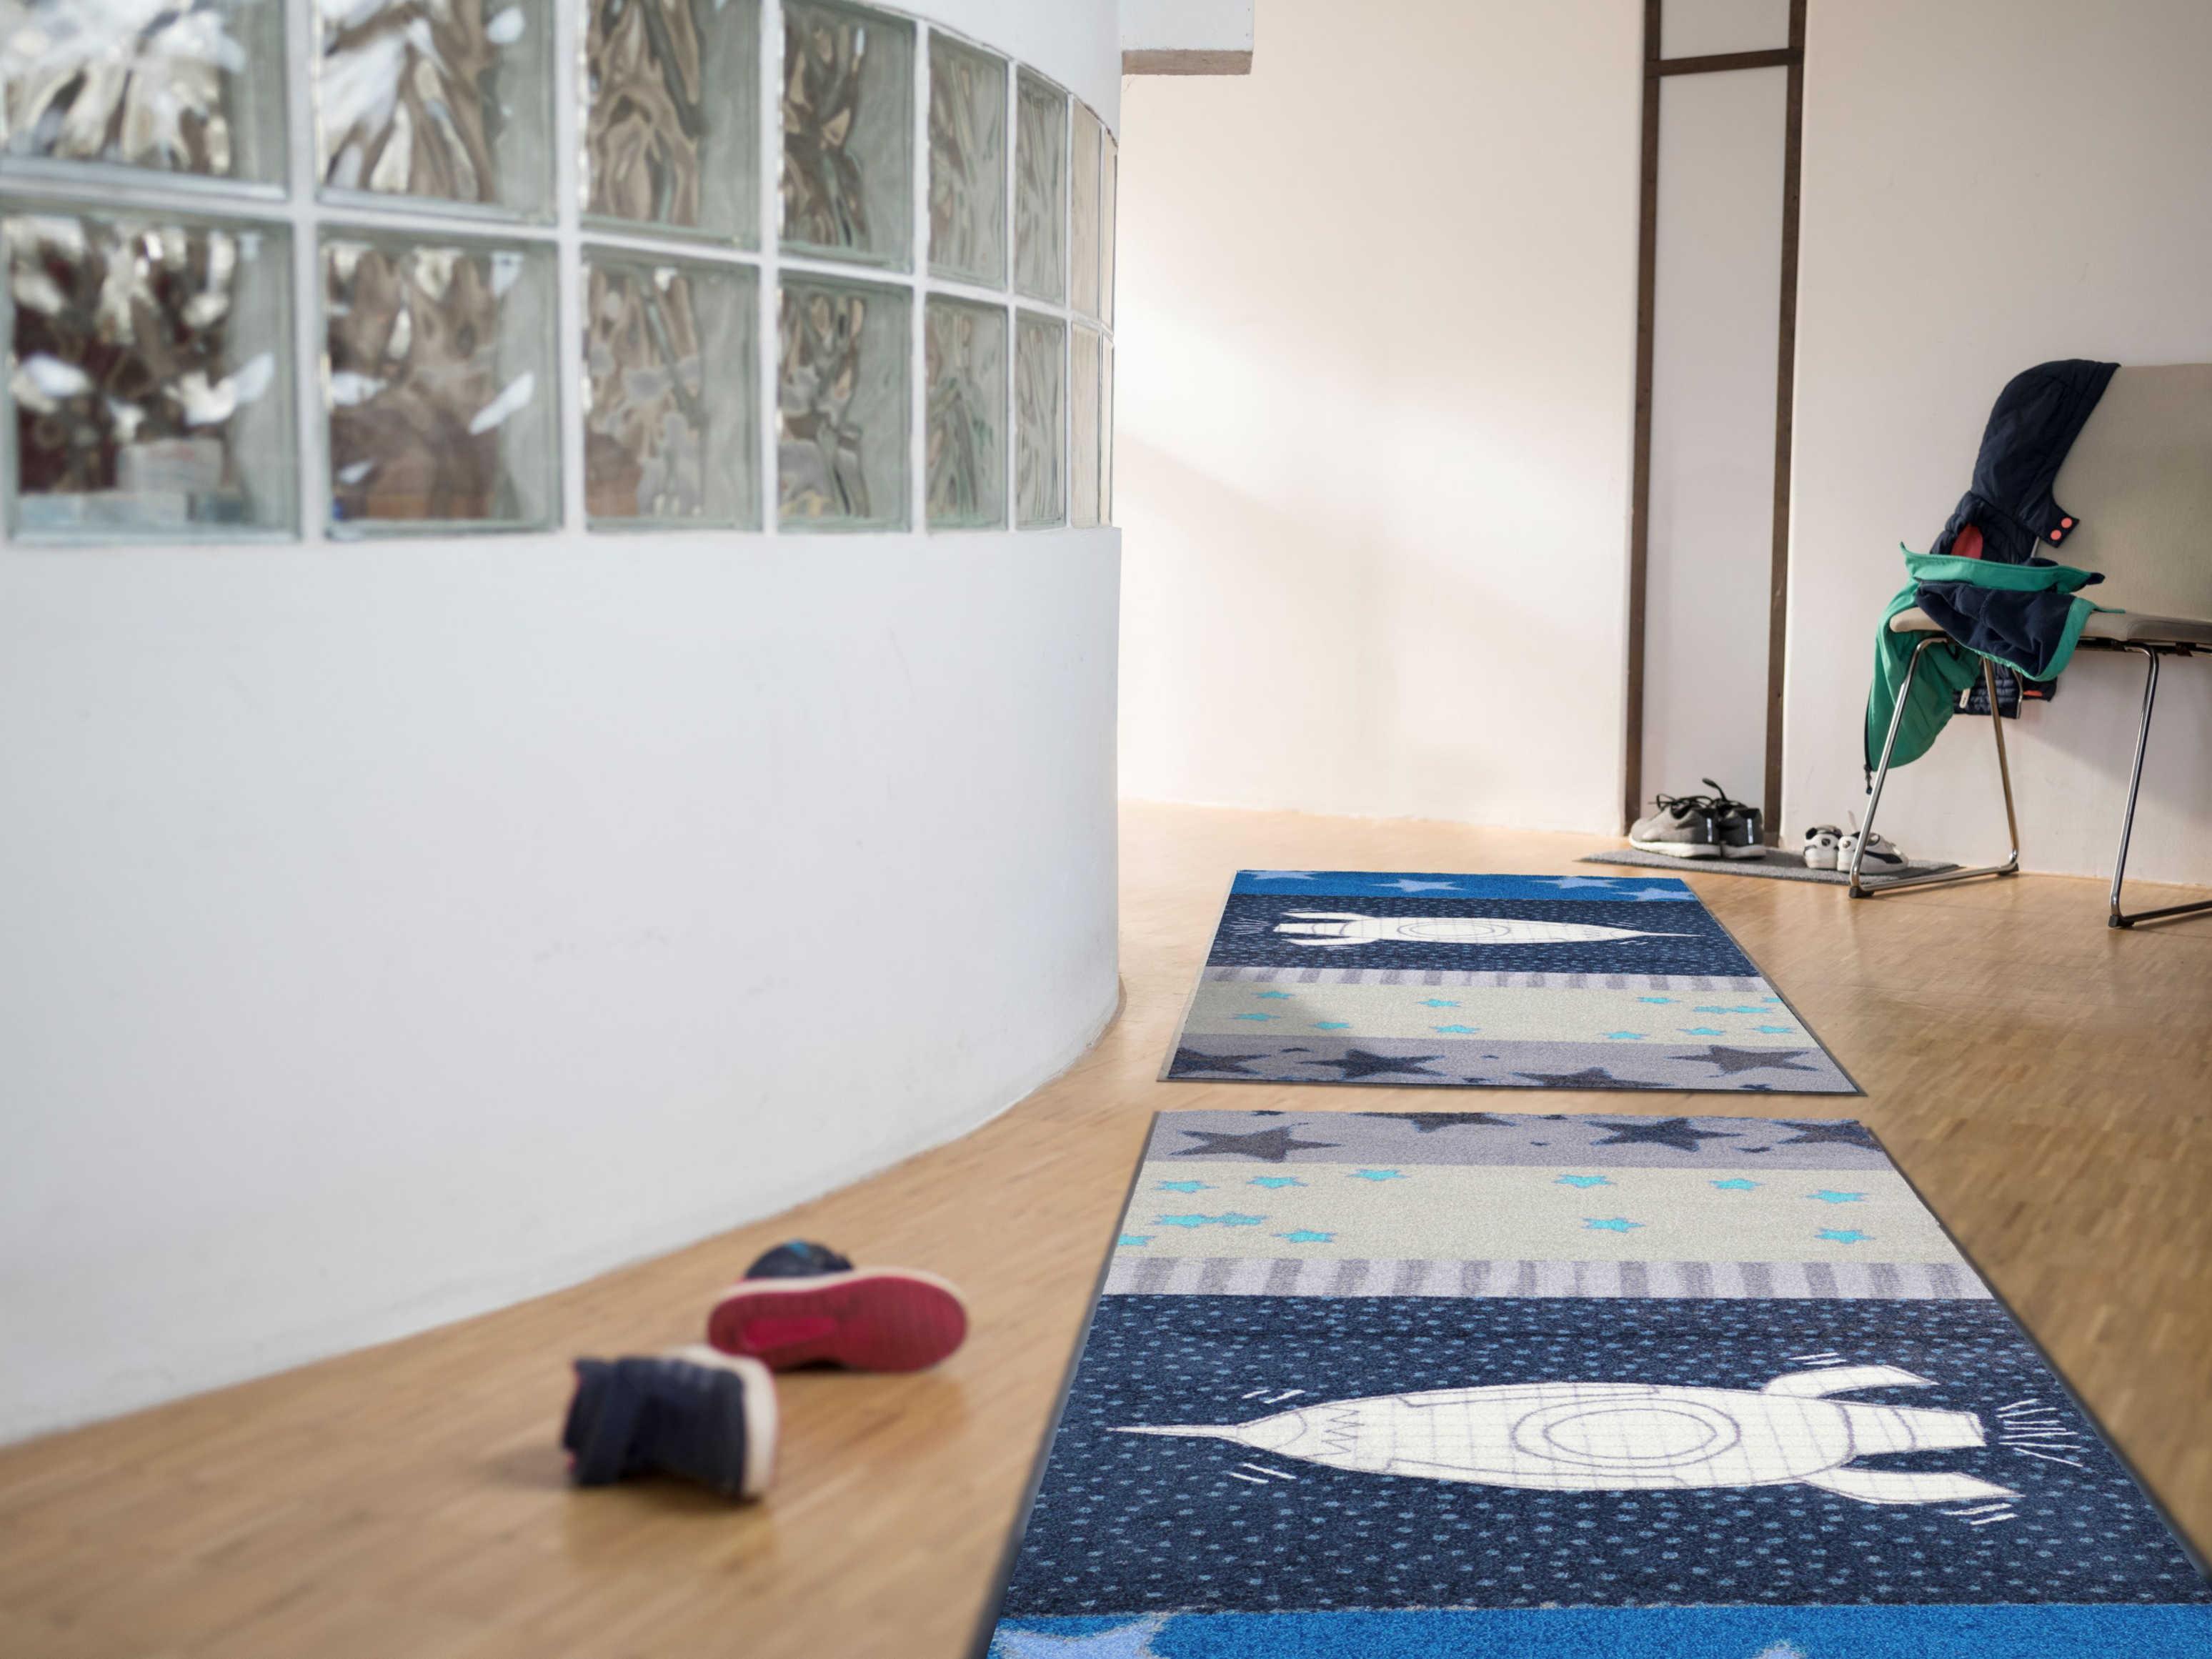 Fußmatte Space Time von Salonlöwe kaufen Mattenkiste